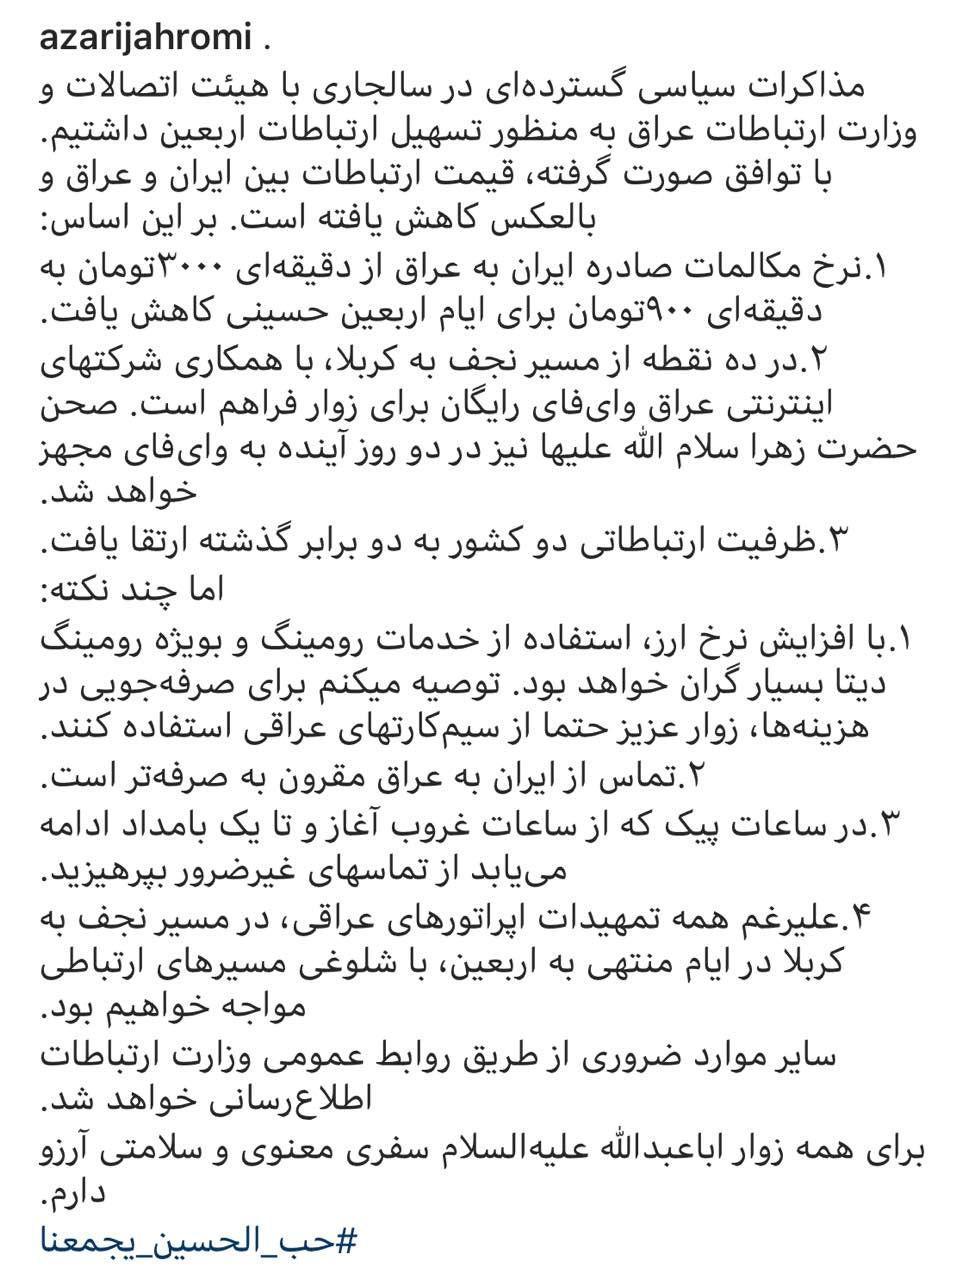 توضیحات وزیر ارتباطات در مورد خدمت رسانی به زائرین اربعین